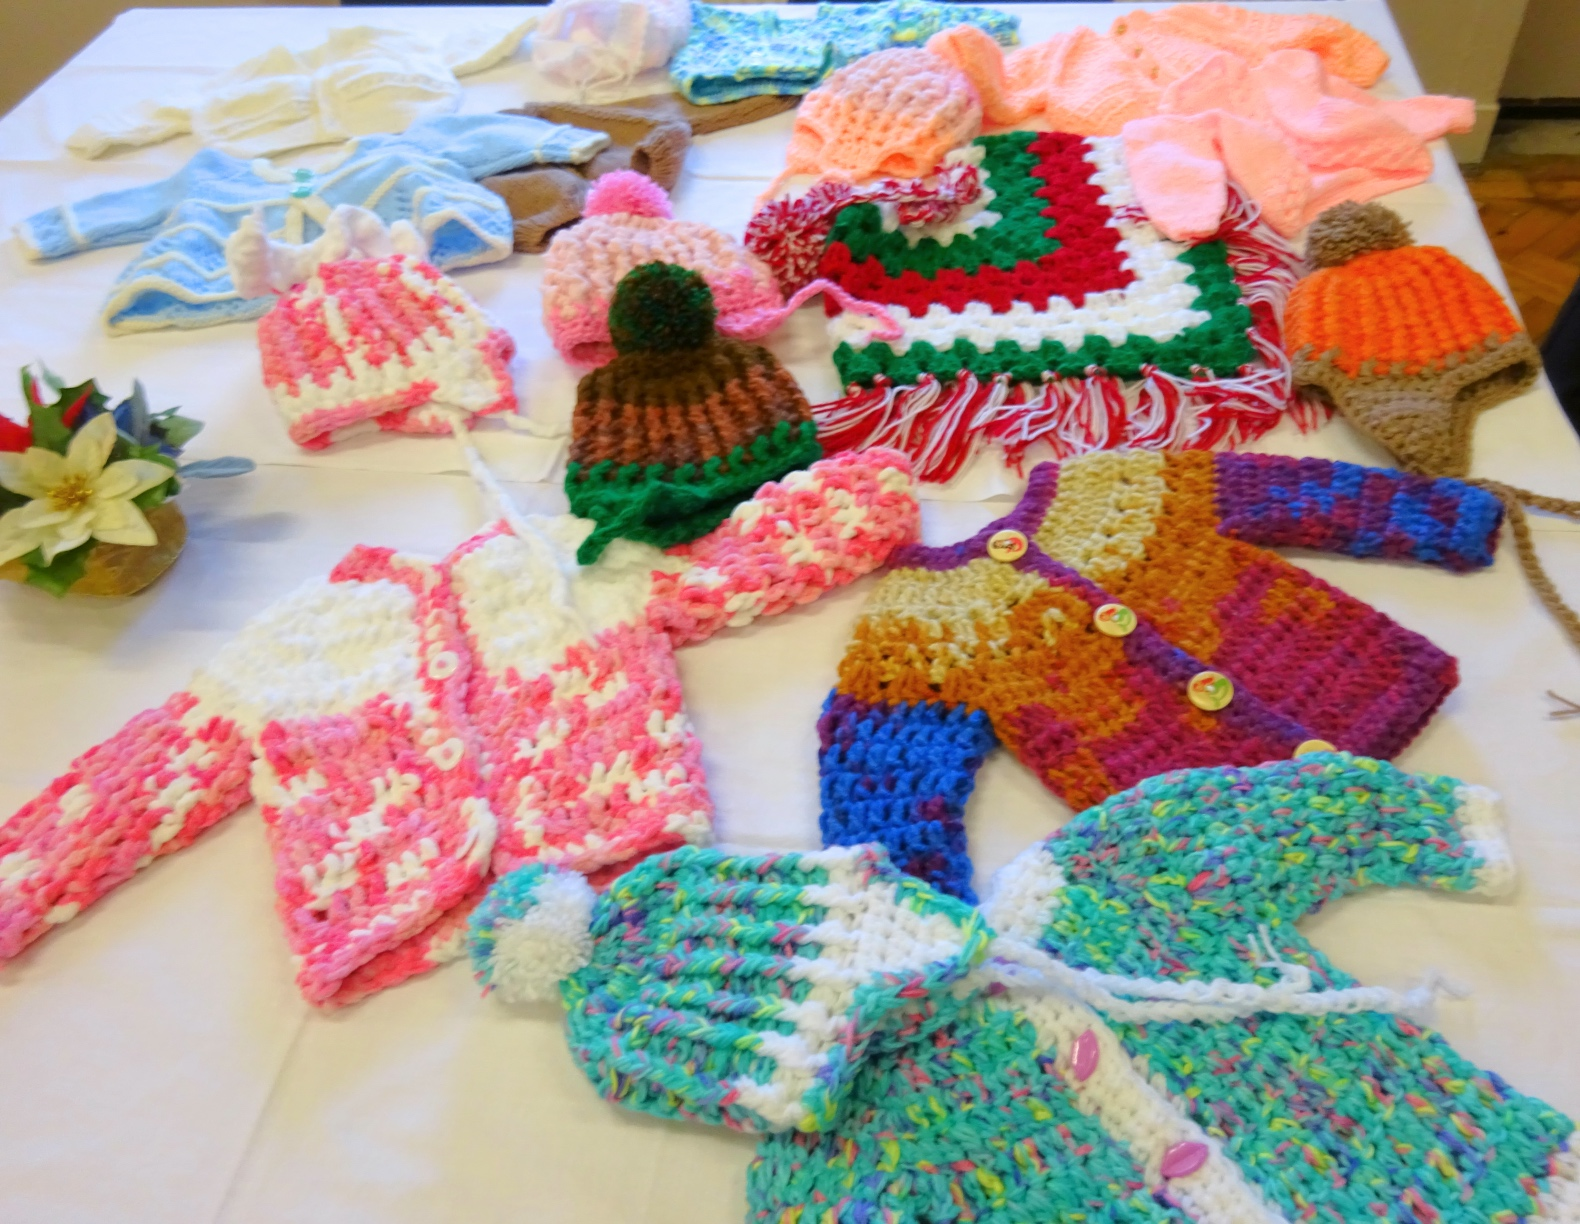 table of woolens1.jpg